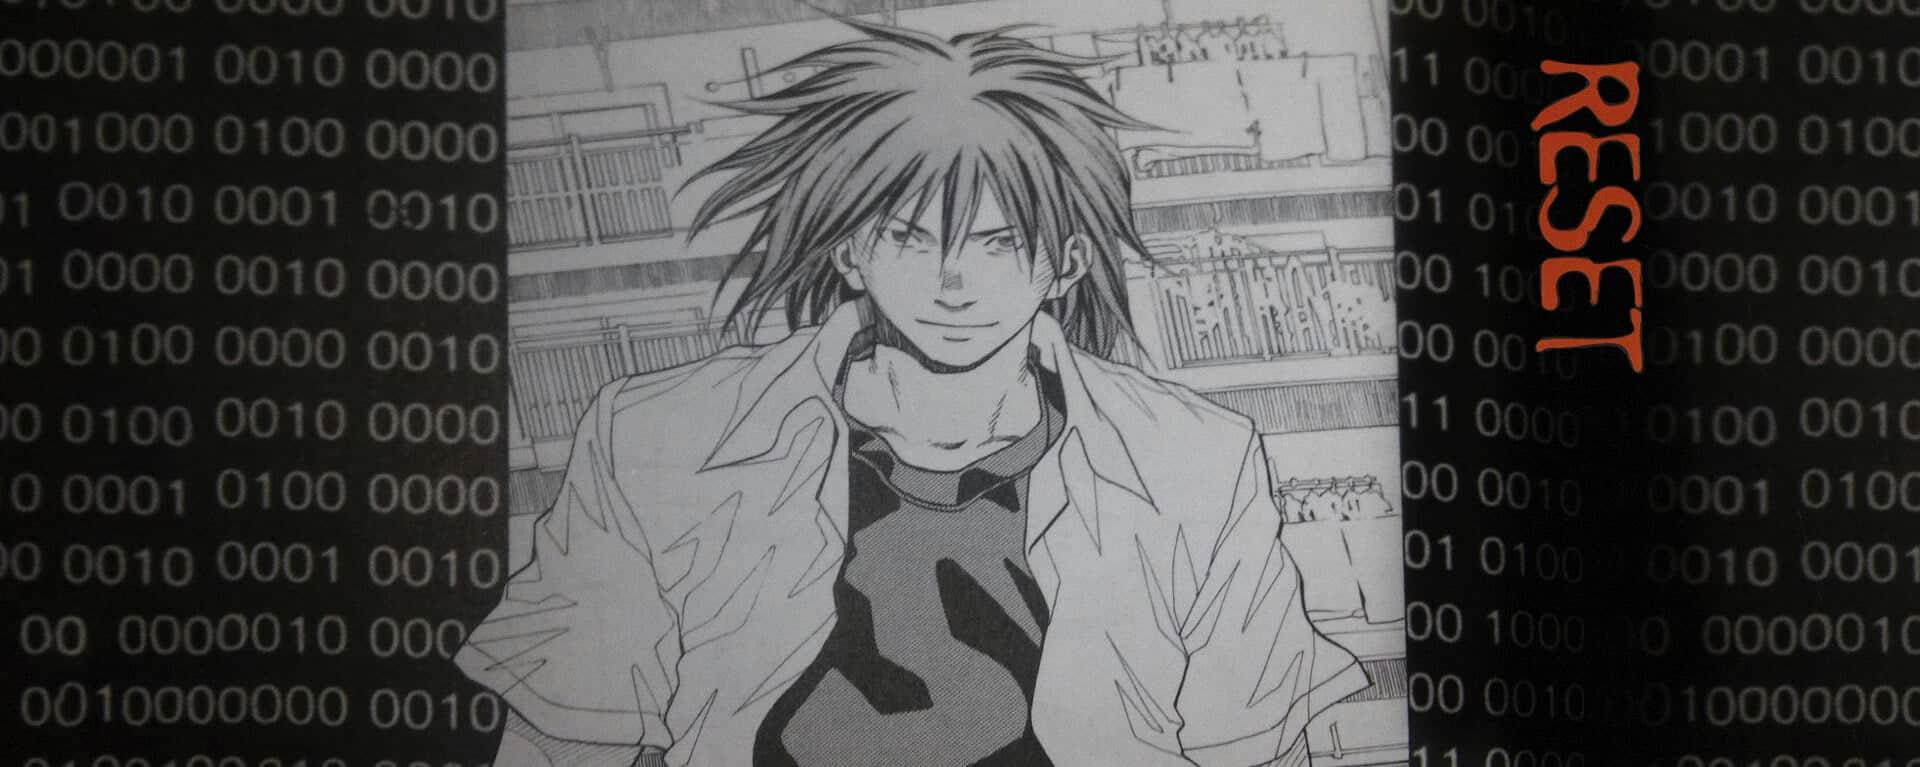 capa do mangá reset com o protagonista centralizado